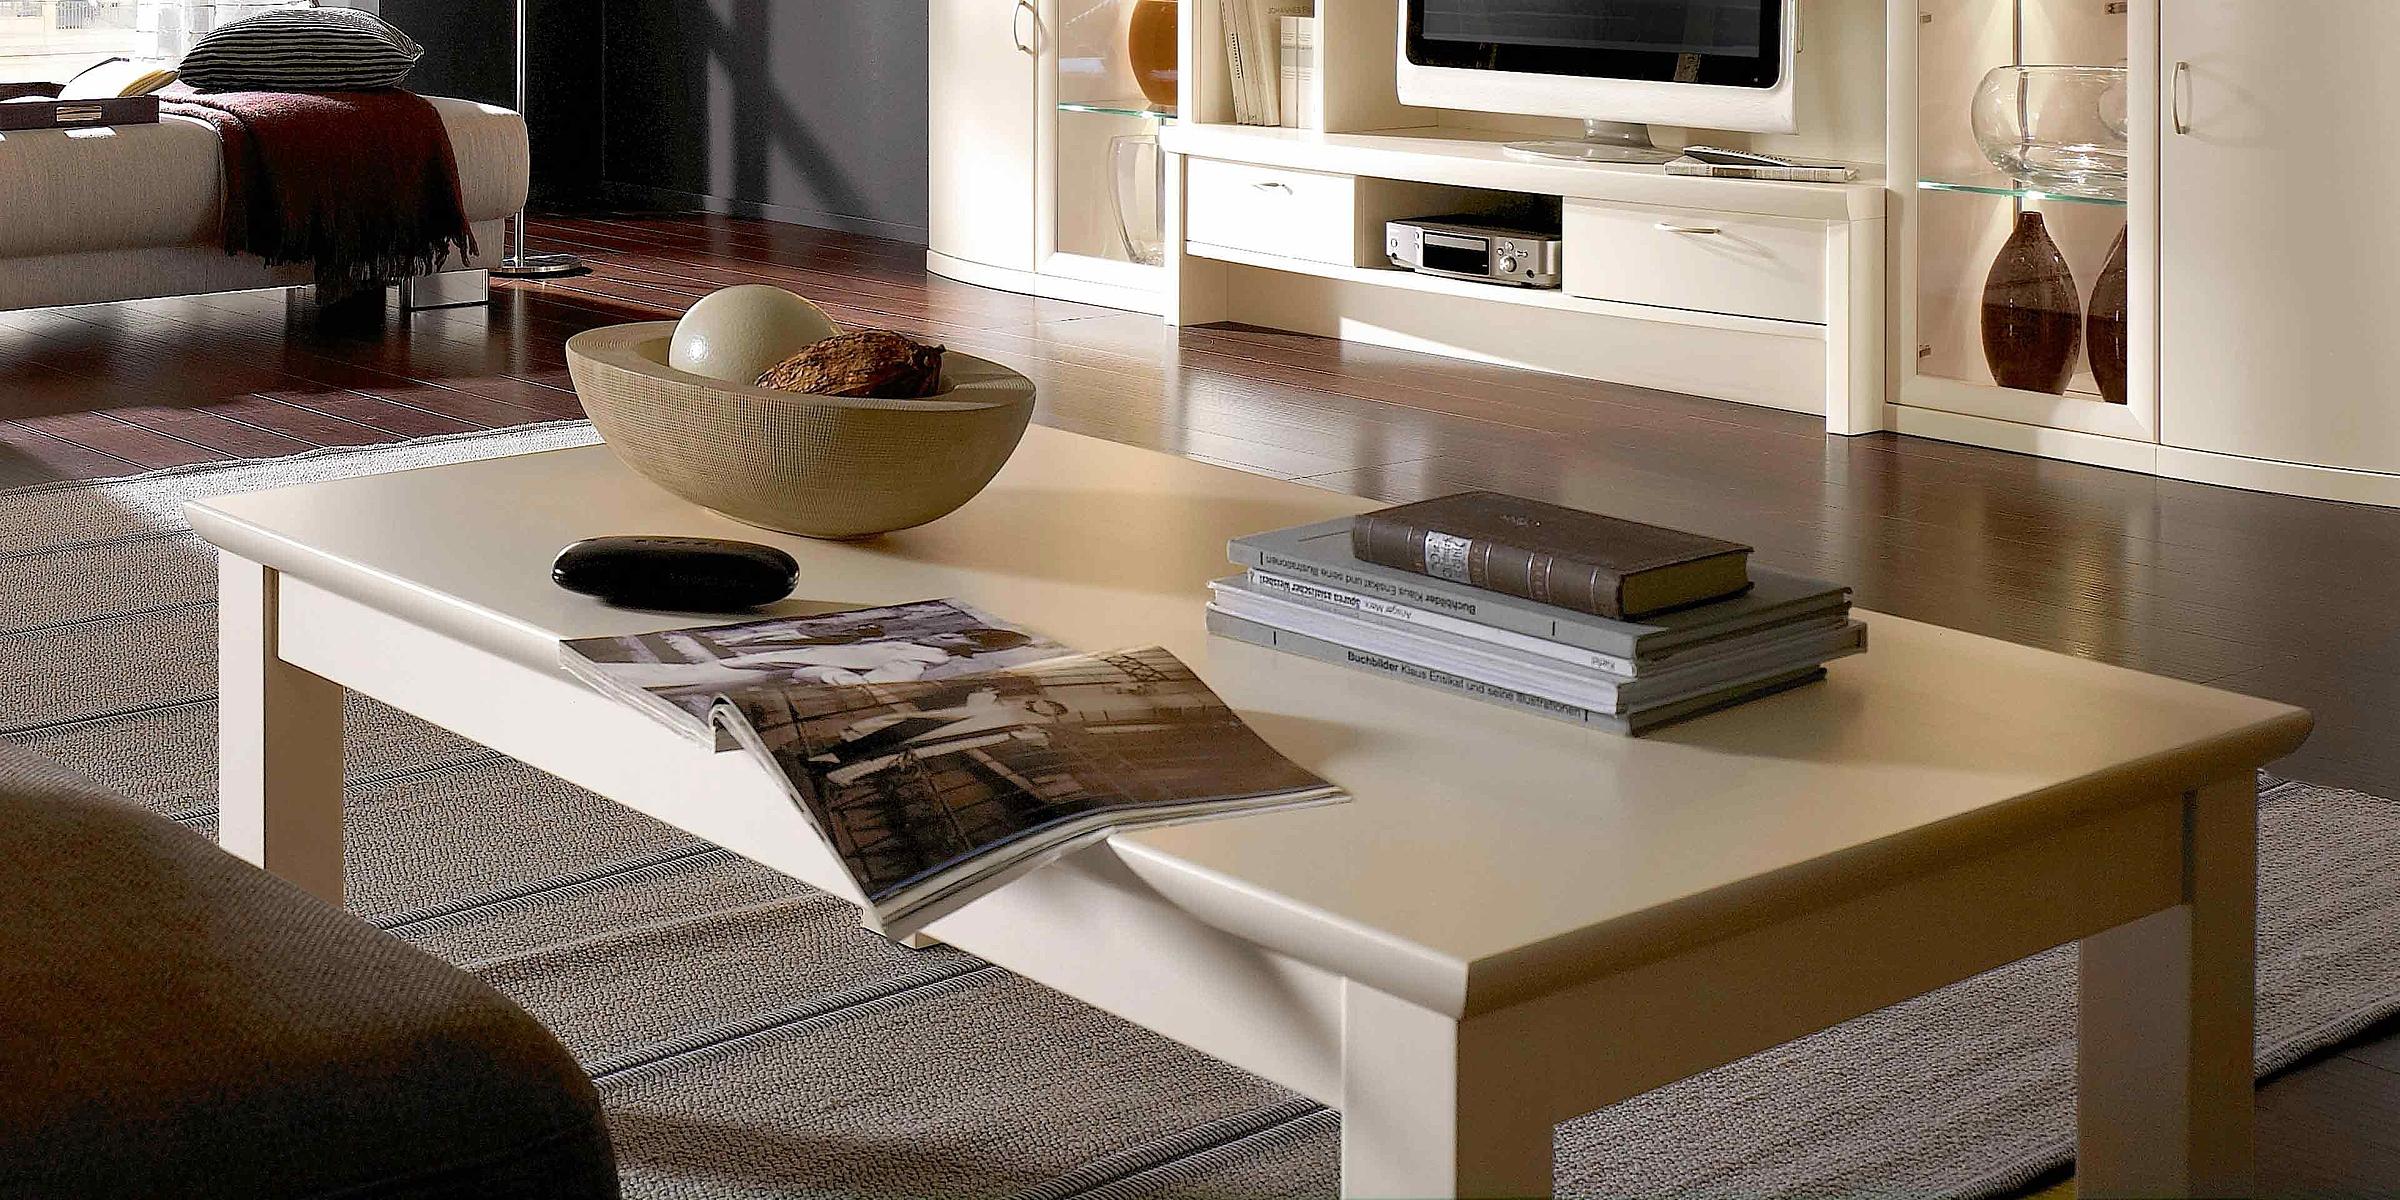 Couchtisch Wohnzimmer Opus Malta Lack crema